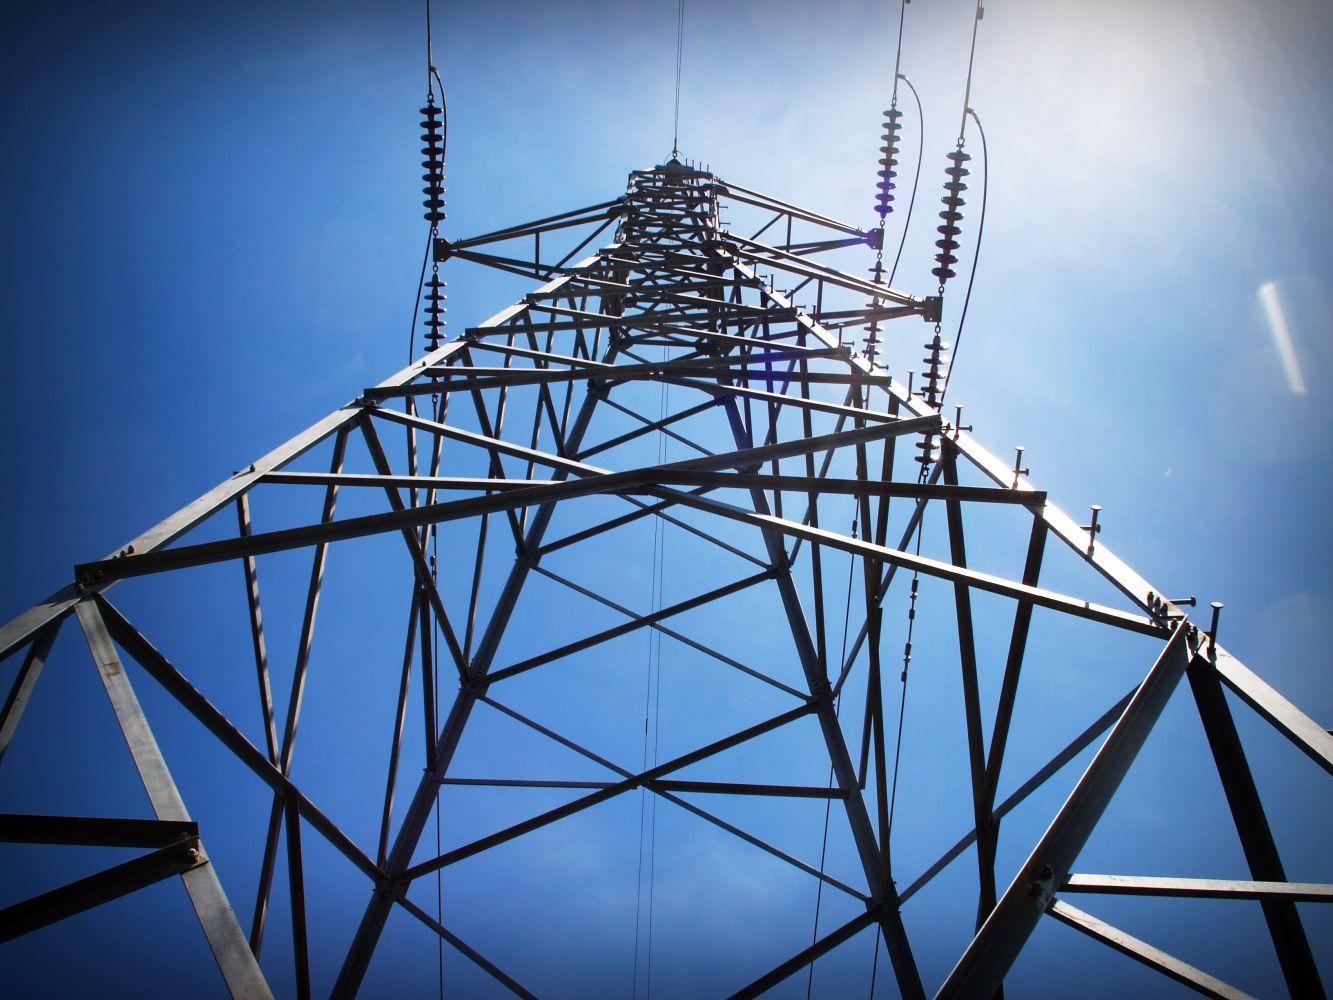 Сегодня по всей Латвии возможны перебои в подаче электричества